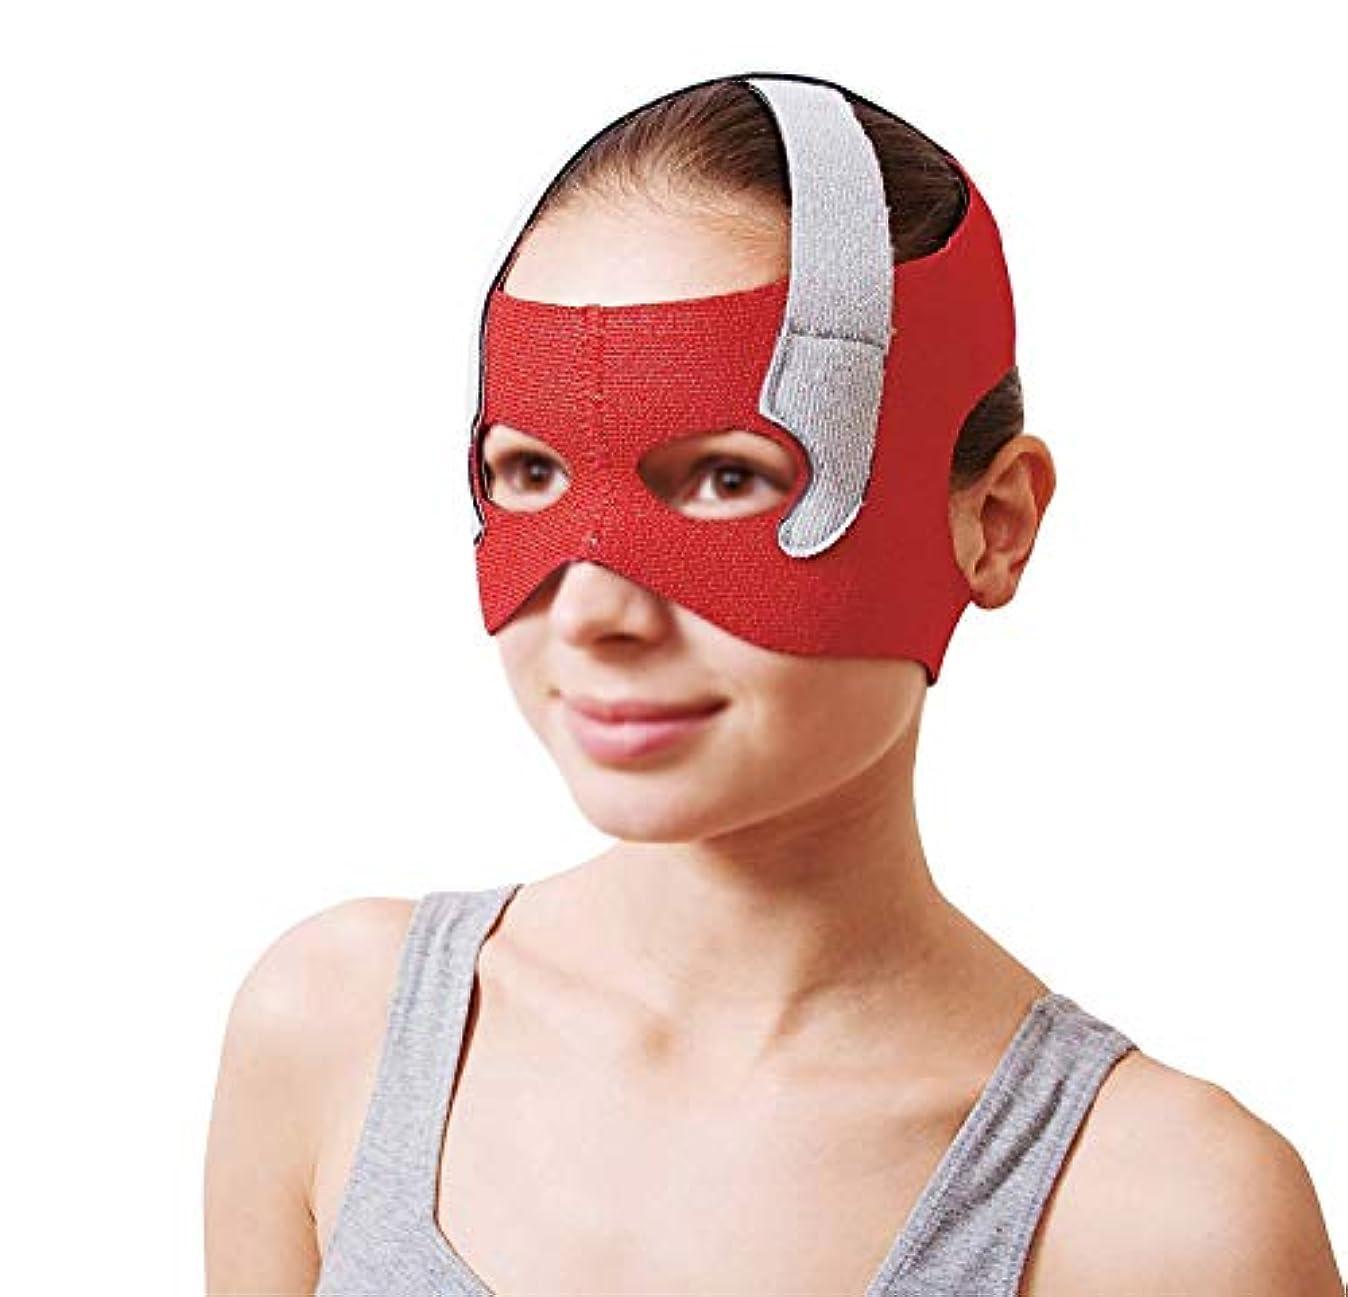 知覚する苦しむ感謝TLMY フェイシャルリフティングマスク回復包帯ヘッドギアマスクシンフェイスマスクアーティファクト美容ベルトフェイシャルとネックリフティングフェイシャル円周57-68 cm 顔用整形マスク